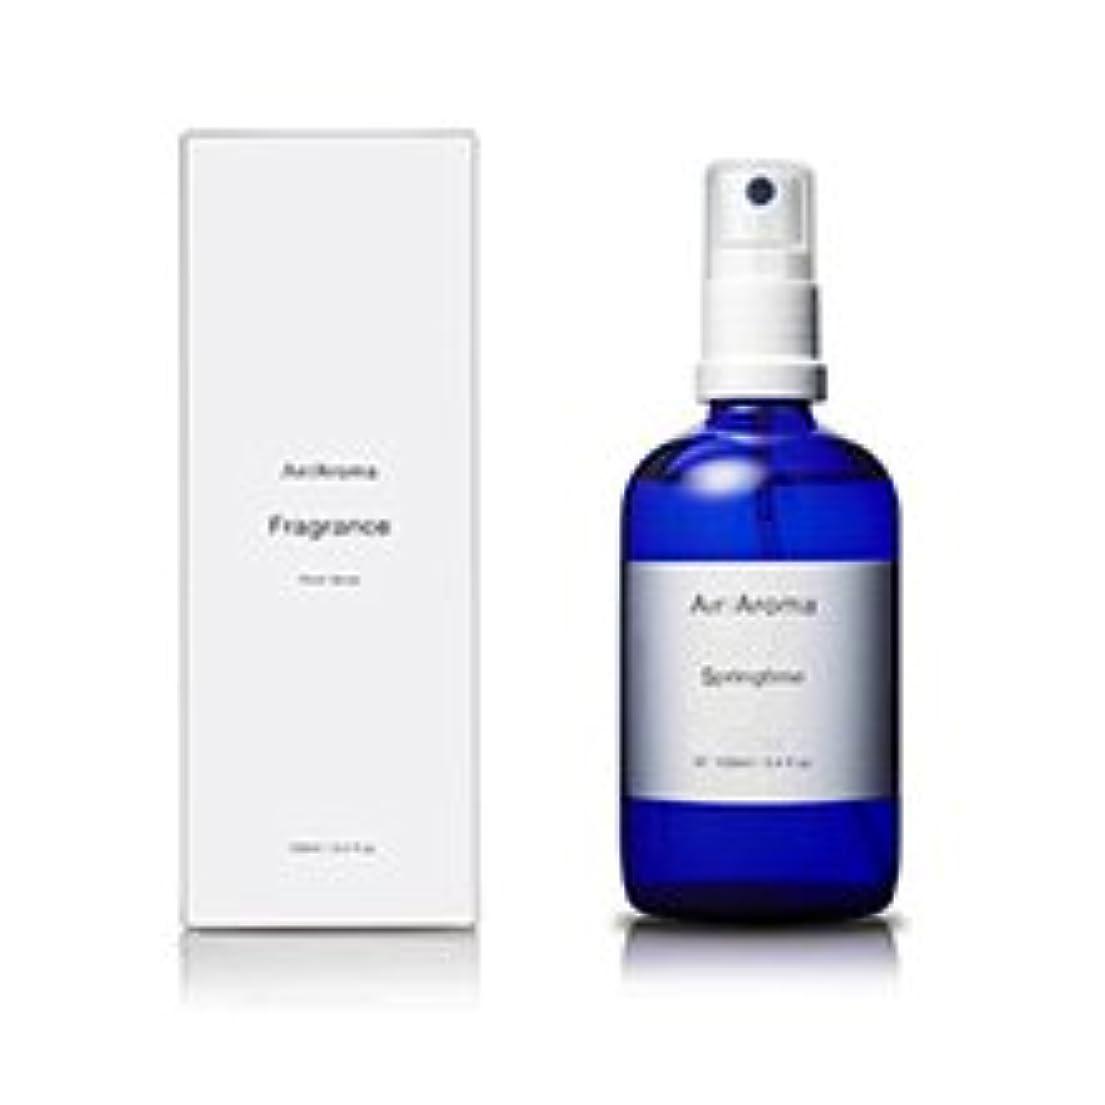 マインドフルカウント代数エアアロマ springtime room fragrance(スプリングタイム ルームフレグランス)100ml